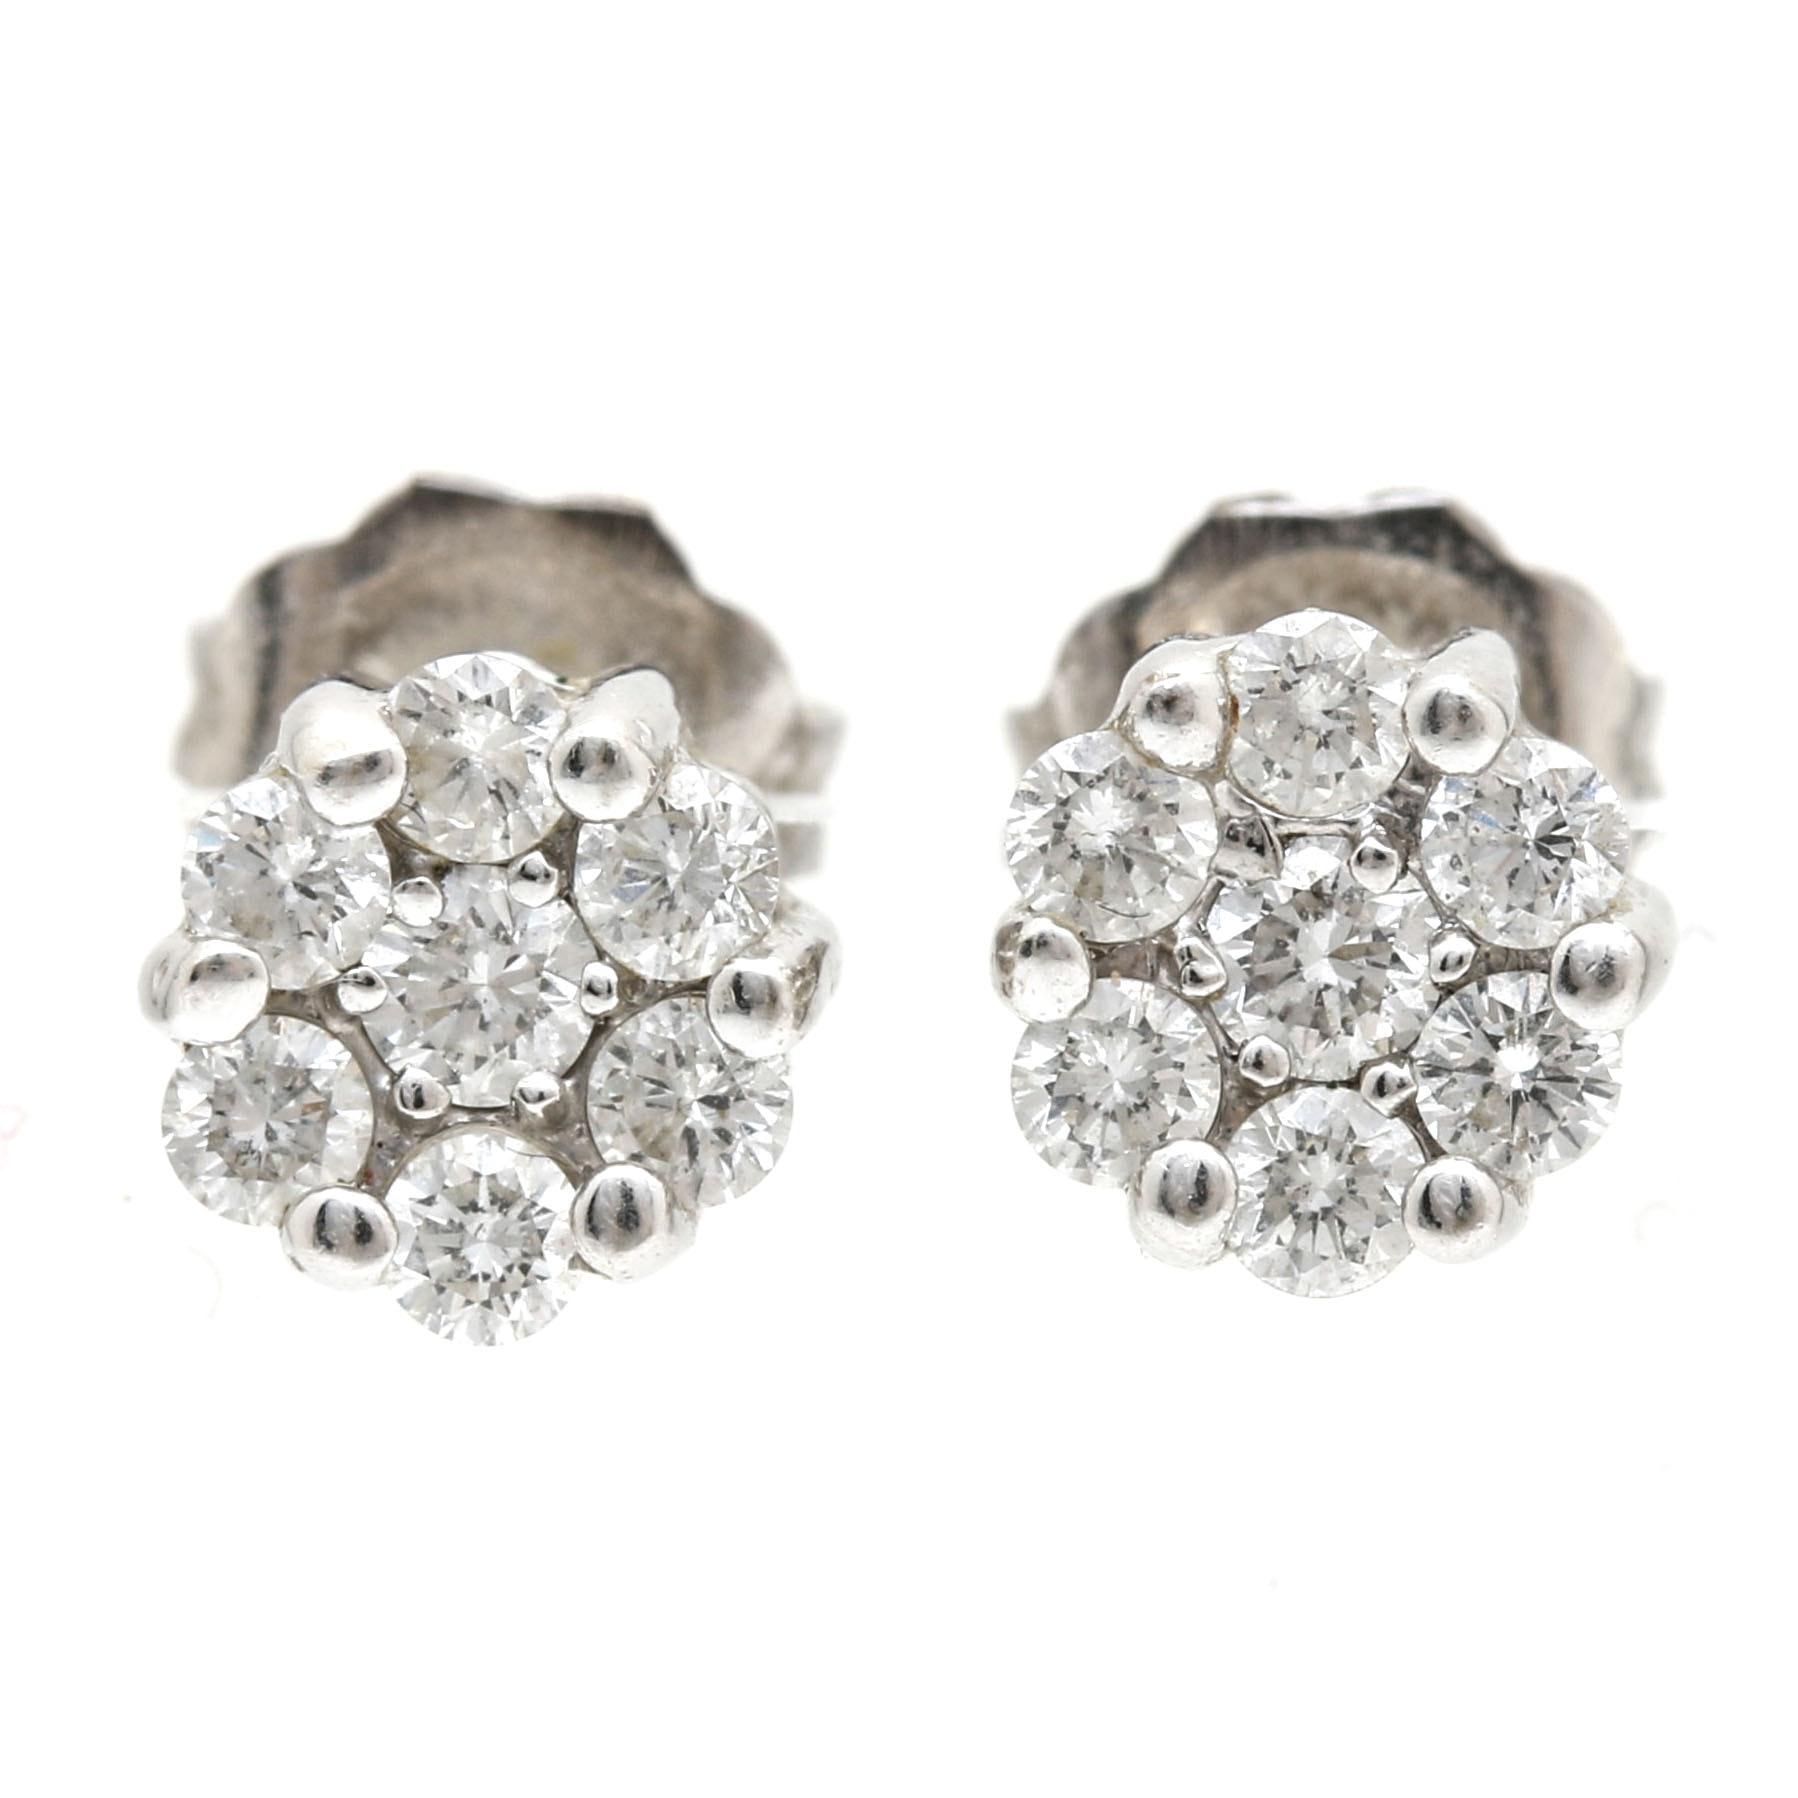 14K White Gold Diamond Floral Earrings